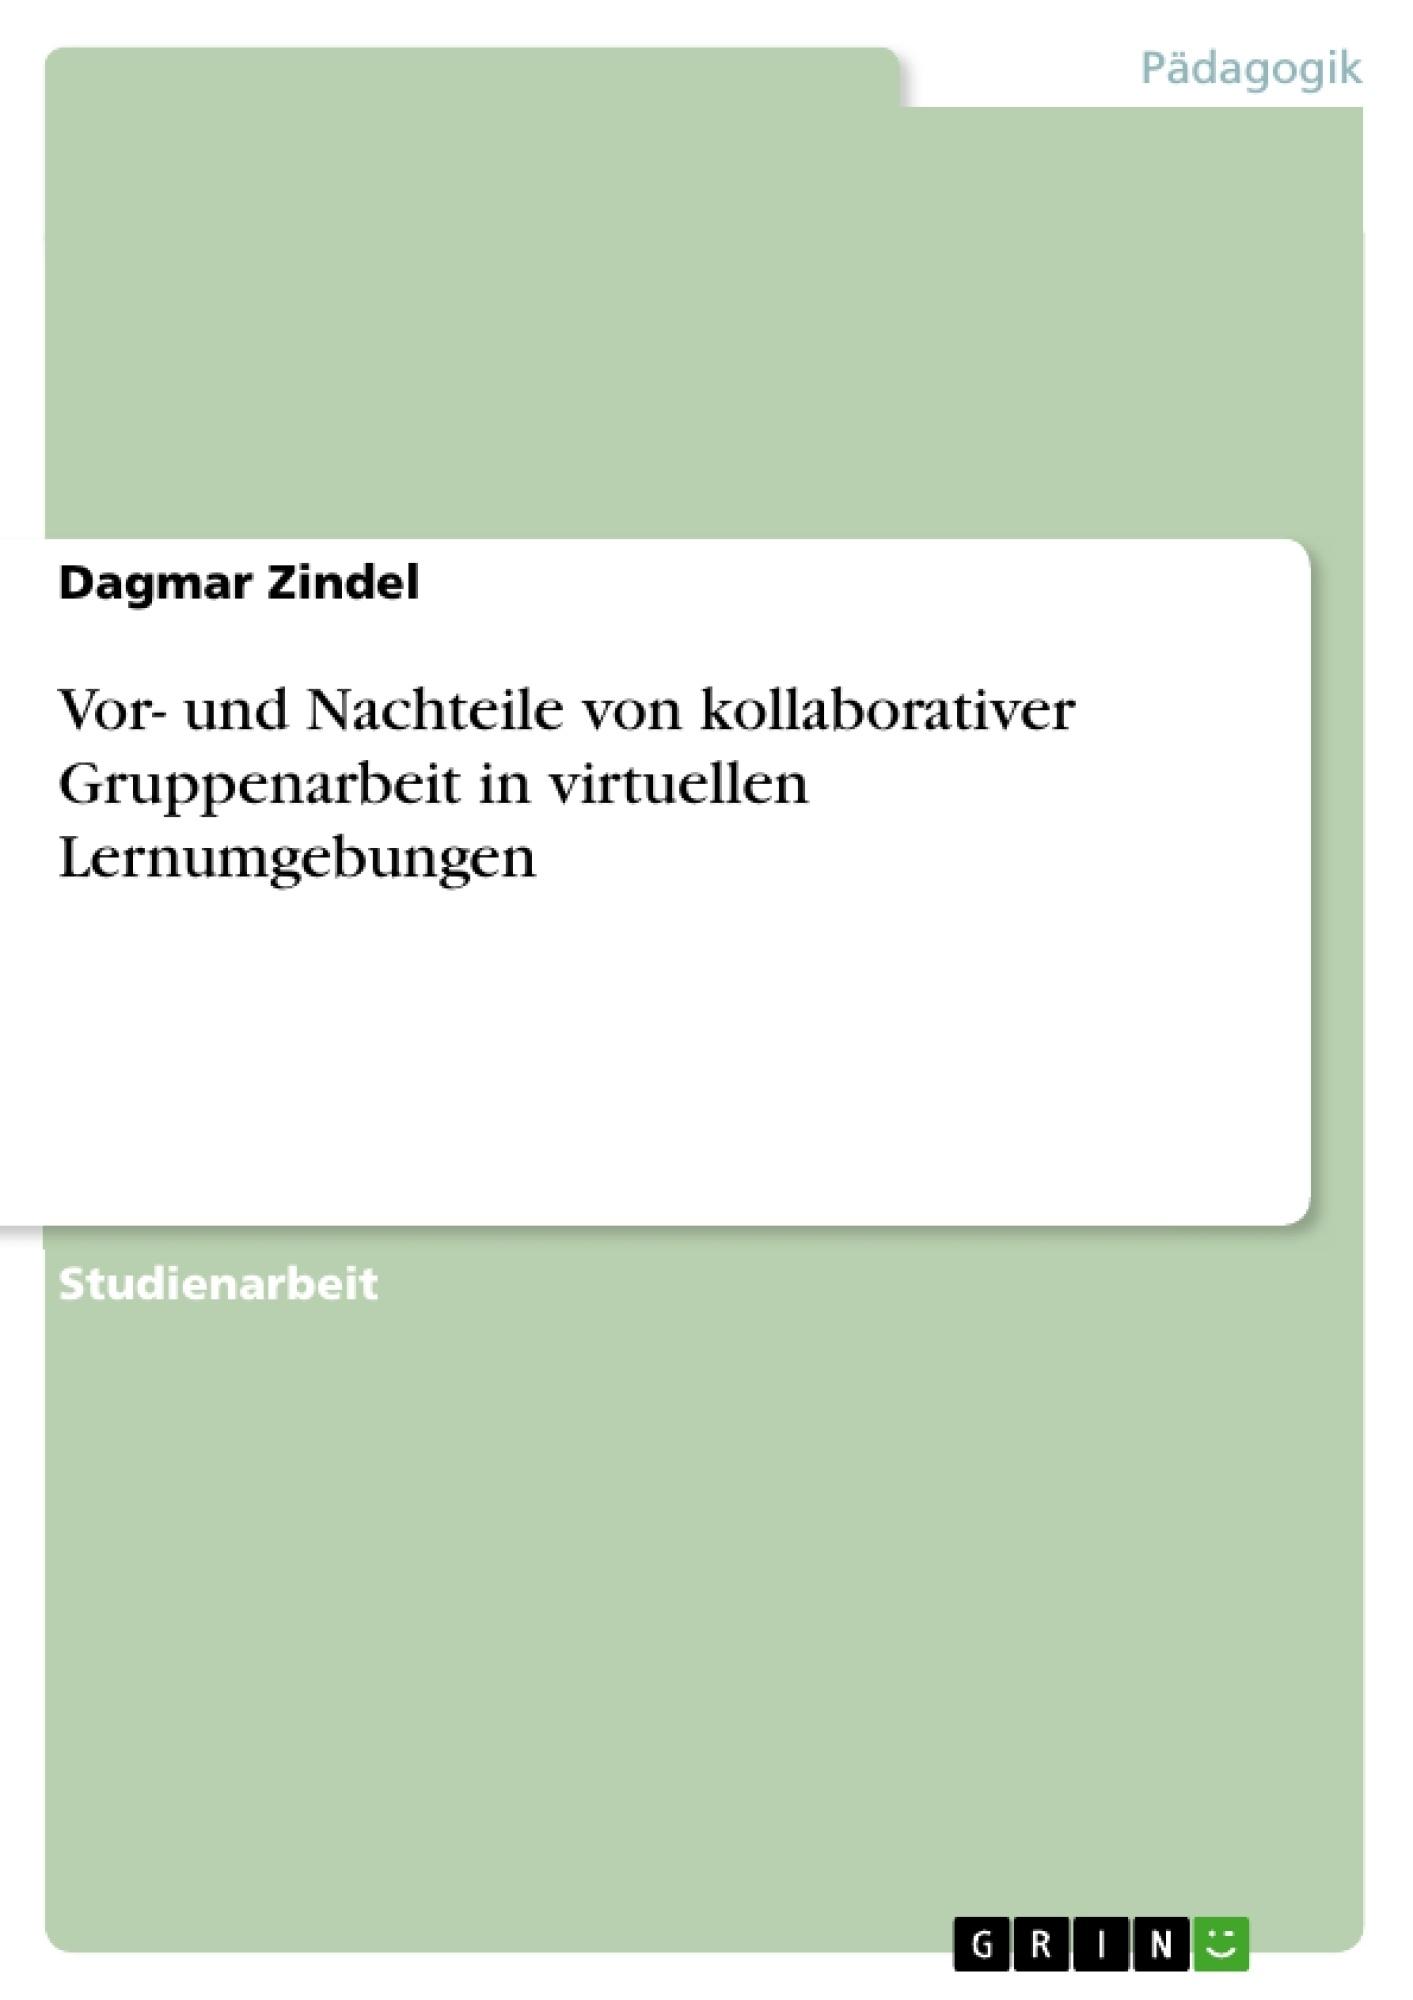 Titel: Vor- und Nachteile von kollaborativer Gruppenarbeit in virtuellen Lernumgebungen